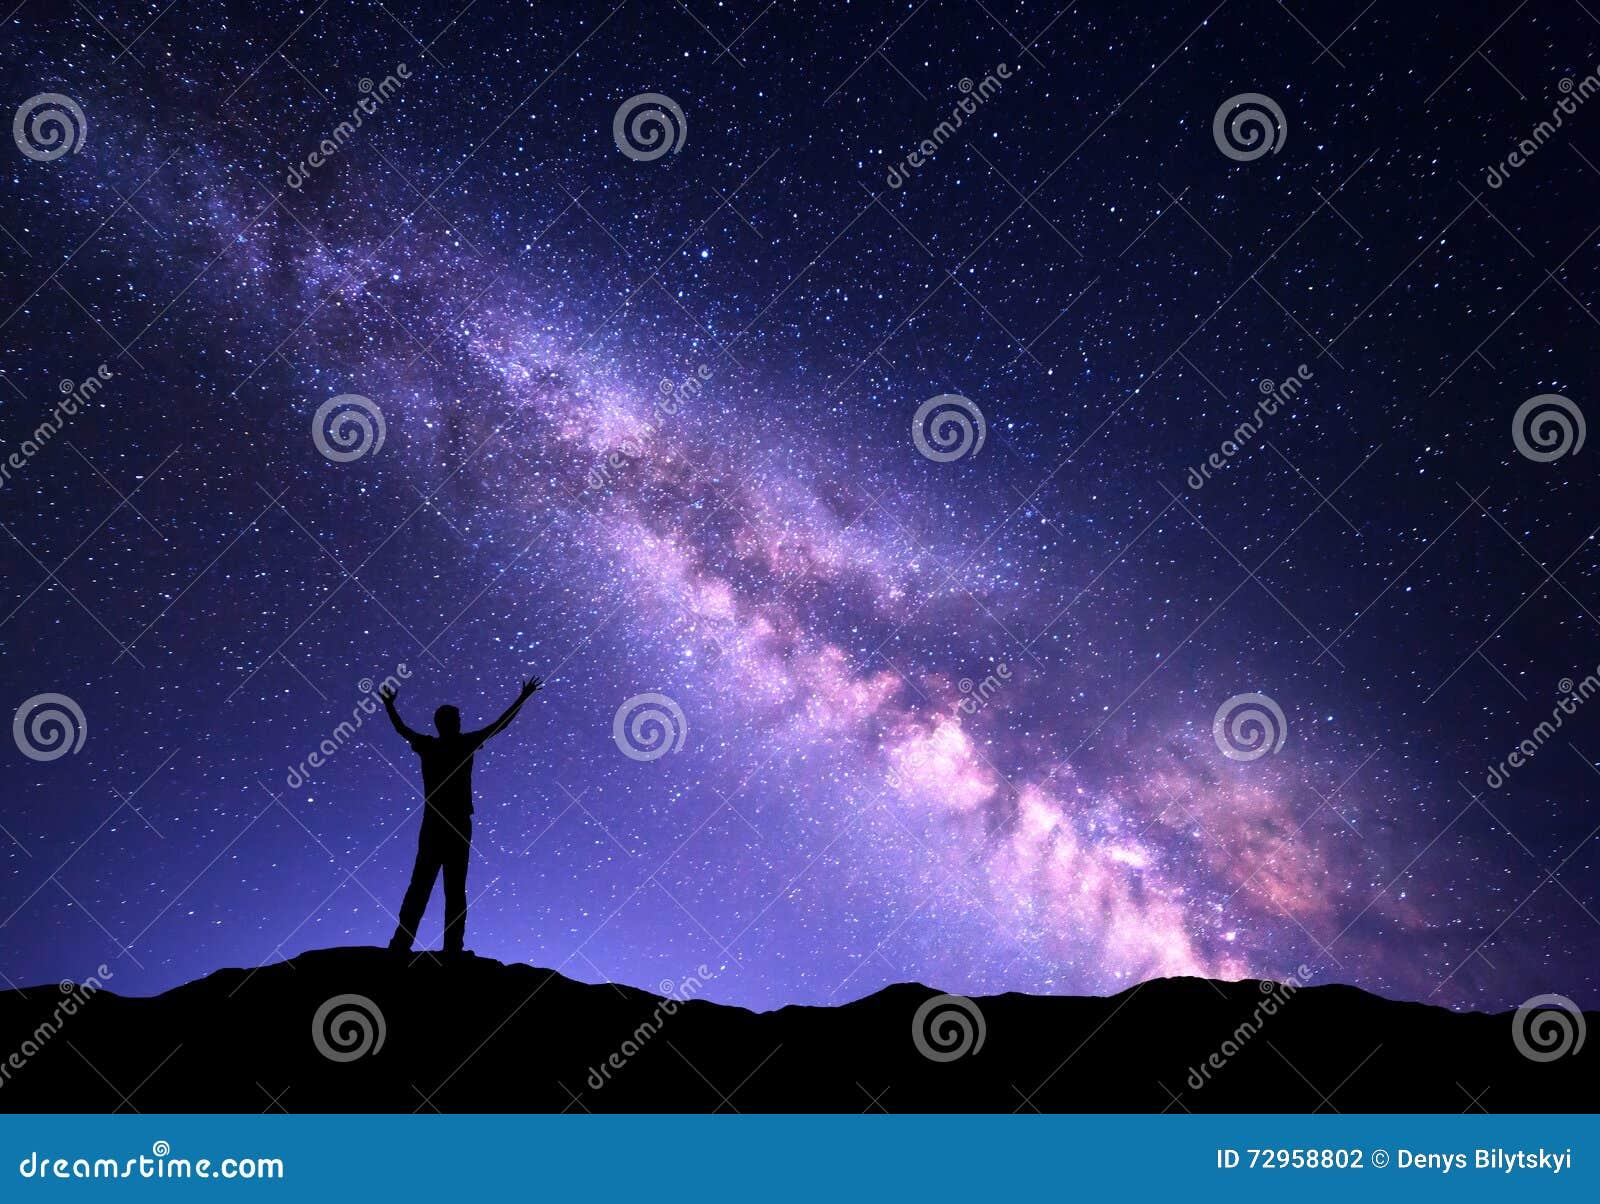 Ζωηρόχρωμο τοπίο νύχτας με τον πορφυρούς γαλακτώδεις τρόπο και τη σκιαγραφία ενός μόνιμου φίλαθλου ατόμου με αυξημένος επάνω στα